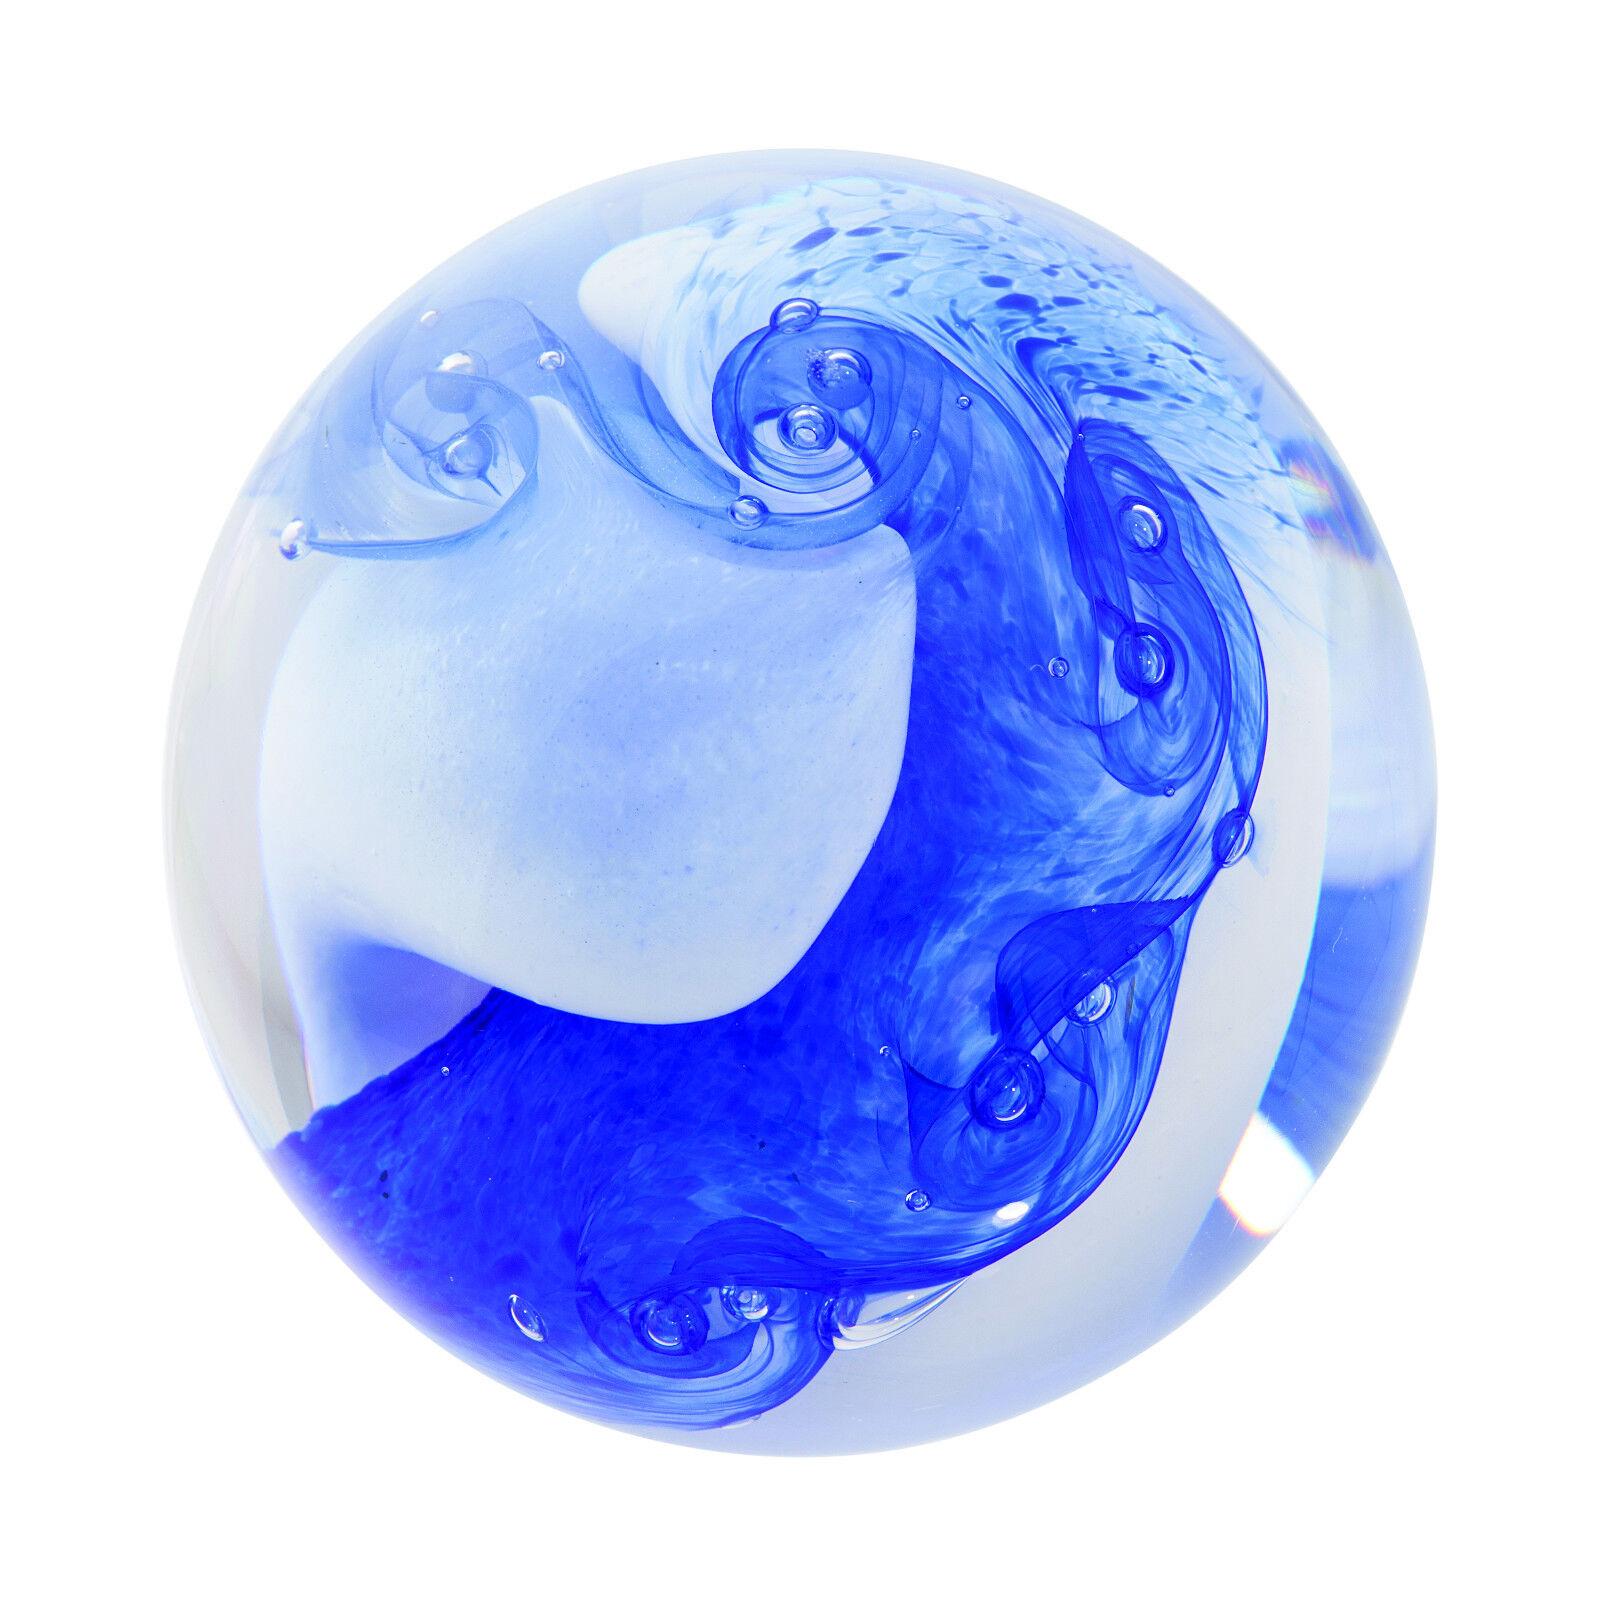 Caithness Cascade Paperweight - Blau